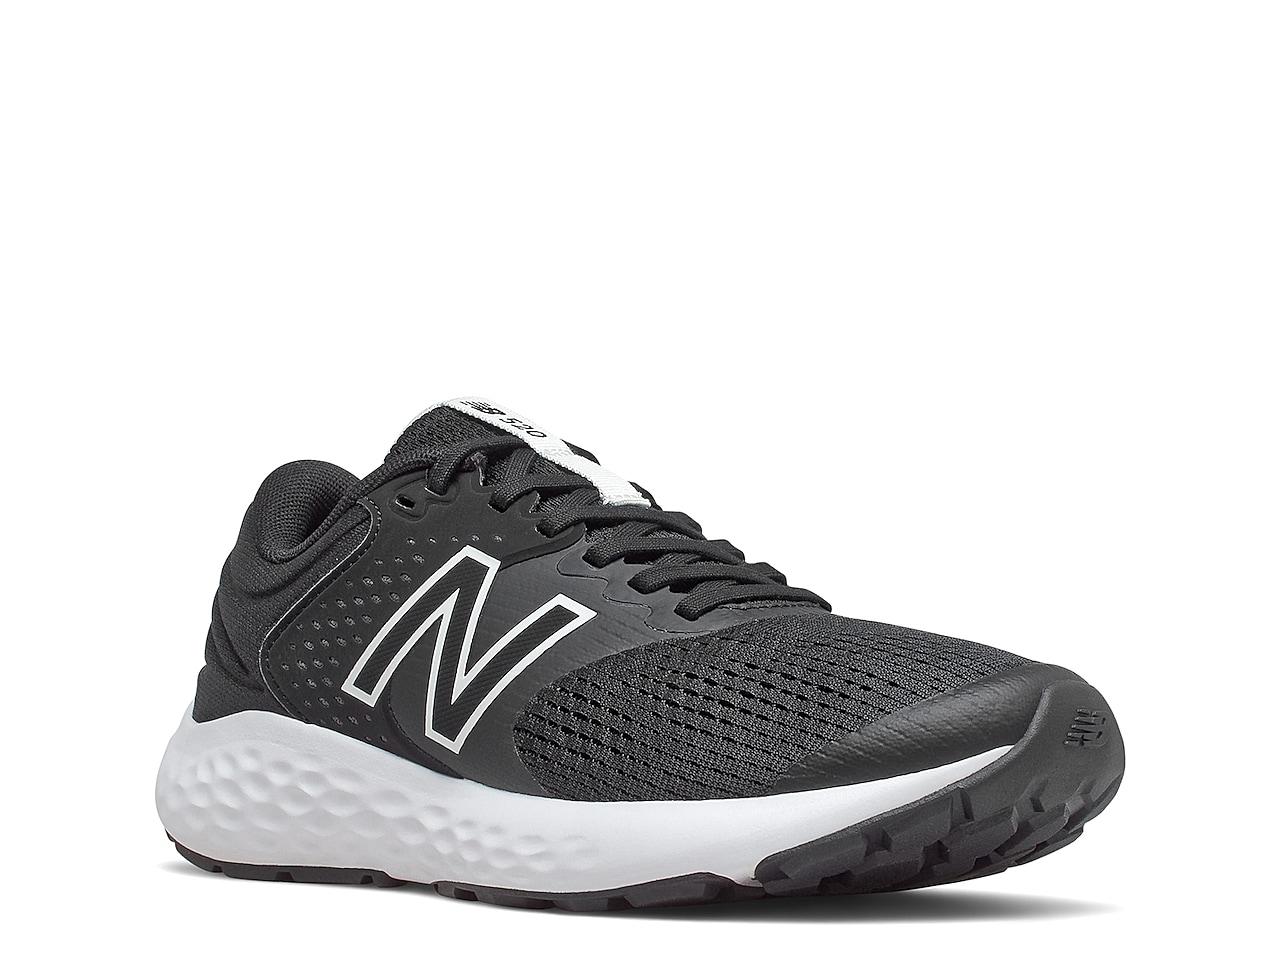 520 v7 Running Shoe - Women's